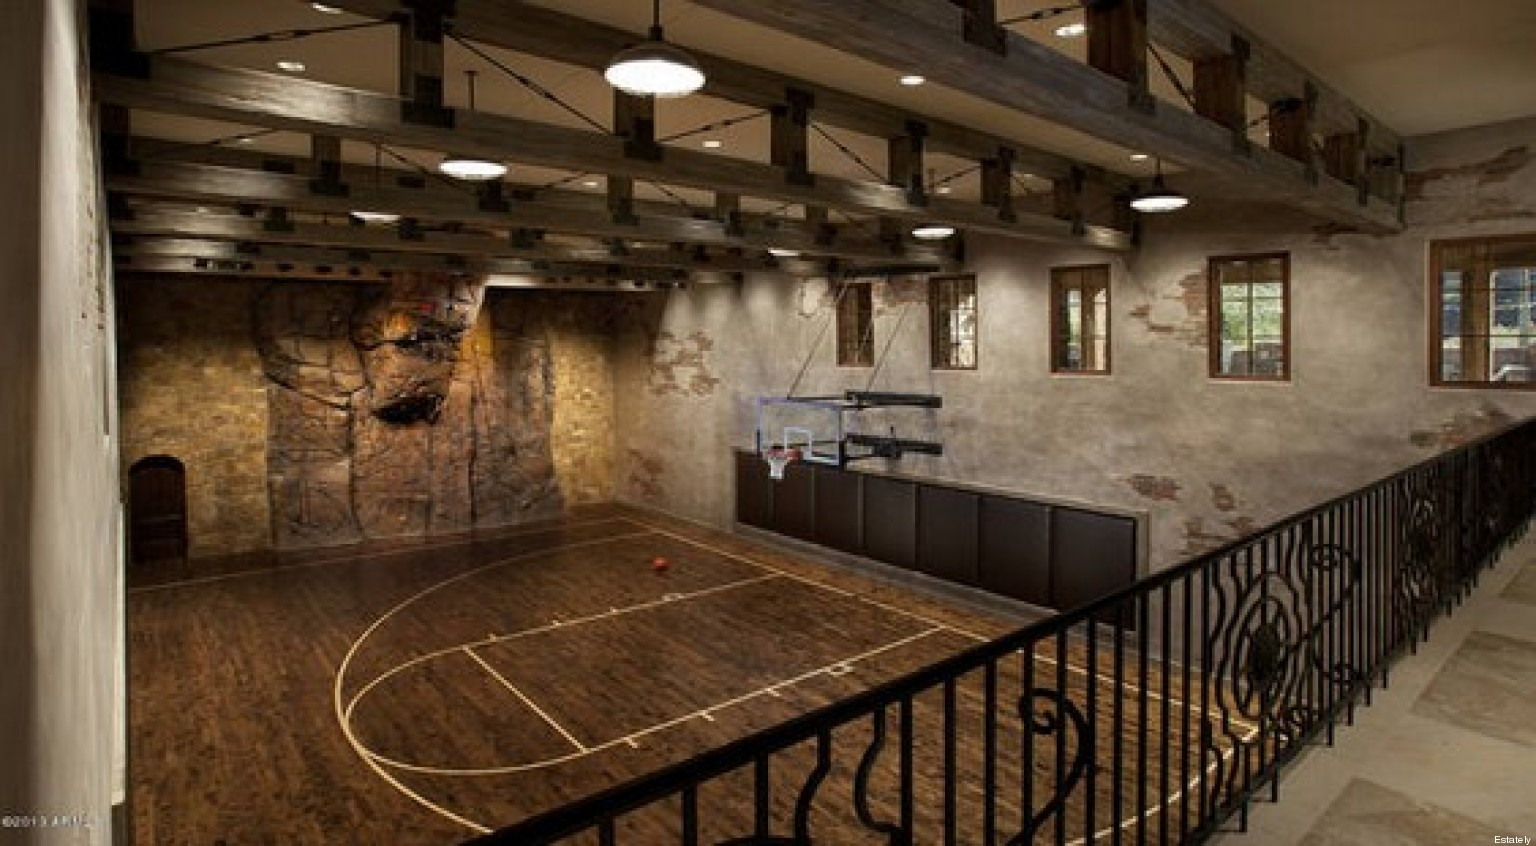 Luxe Et Insolite 16 Terrains De Basket De Luxe Dans Des